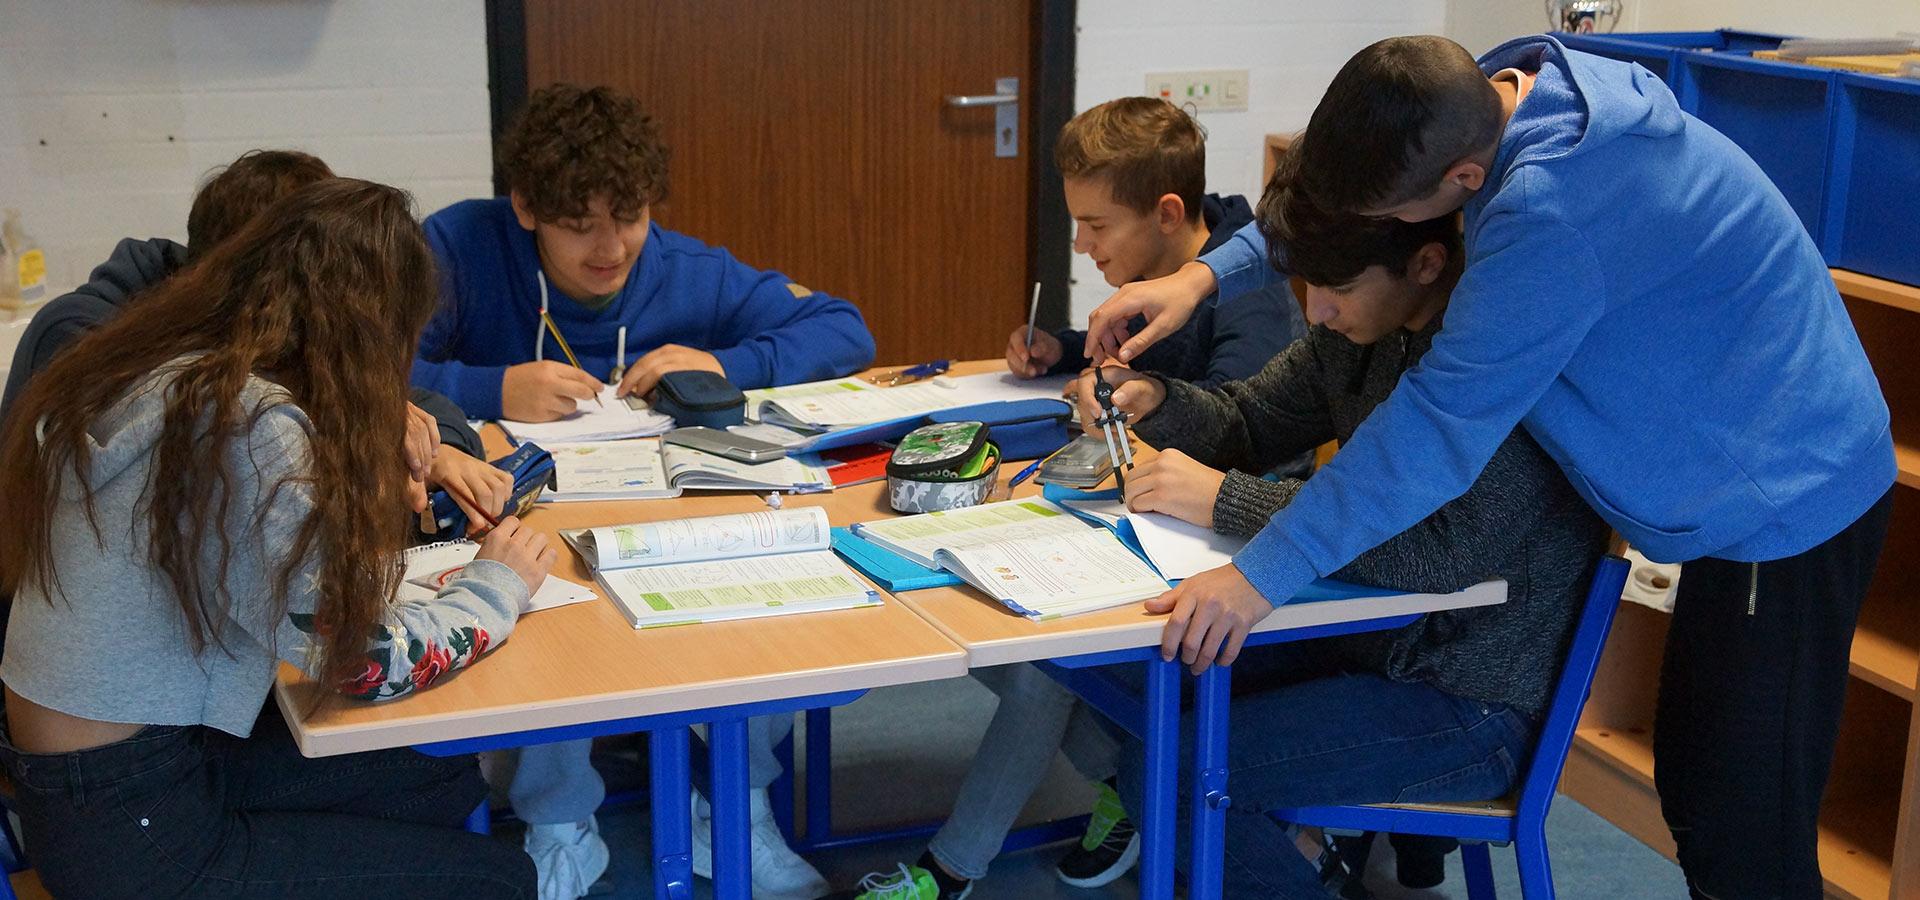 05-schillerschule-eislingen-gemeinschaft